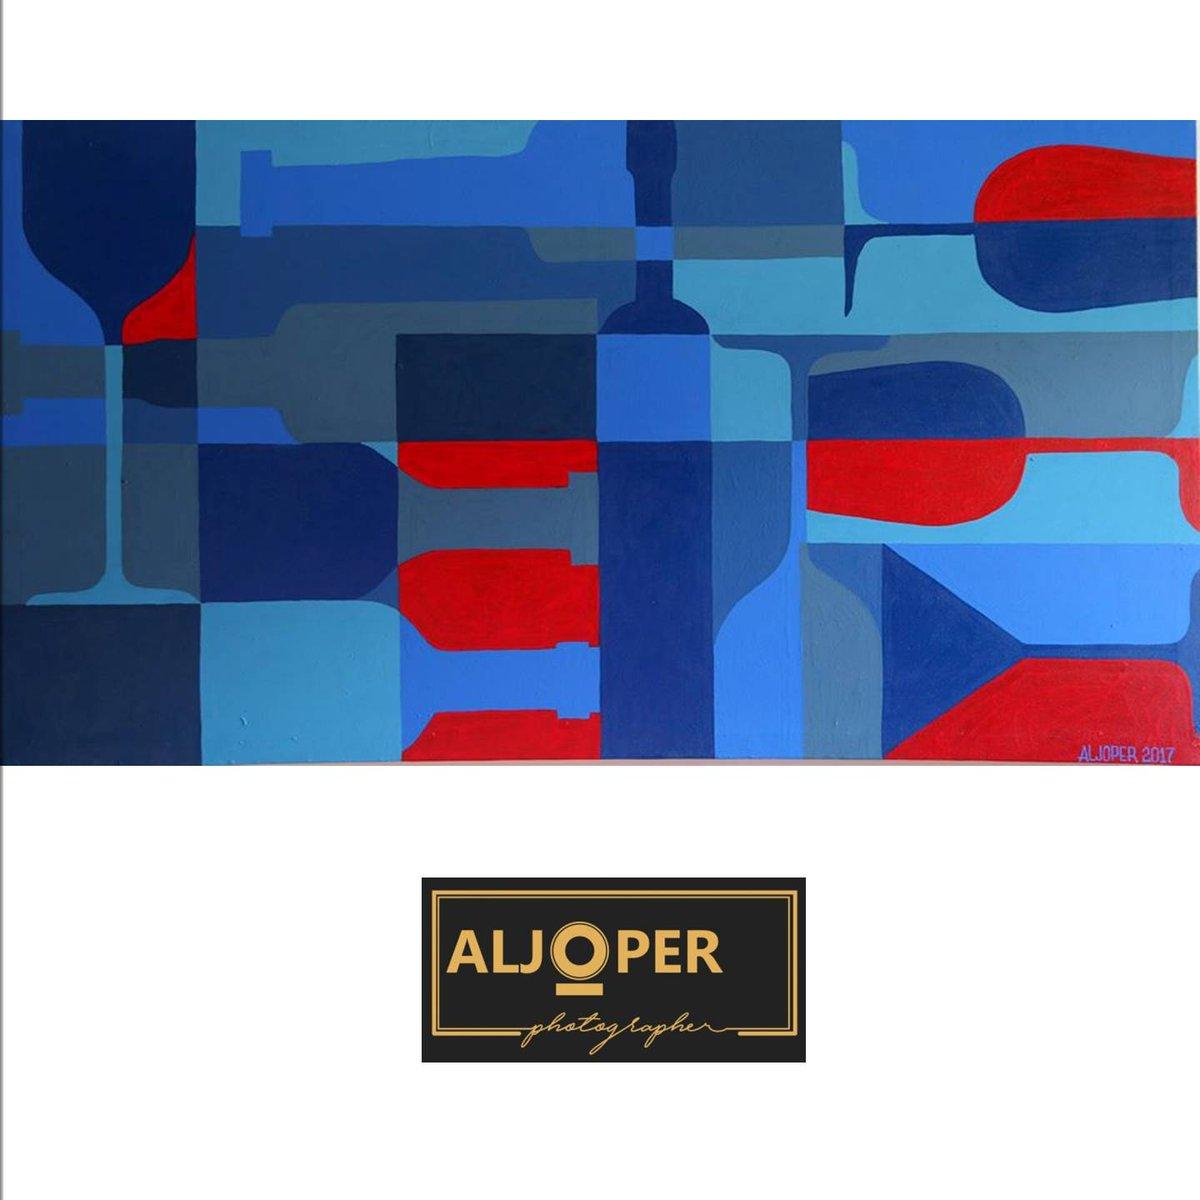 Obra de arte. Técnica: Acrílico sobre lienzo. @Aljoper #UnAlJoper #Aljoper #Aljoper2020 #ObraDeArte #ArteVenezolano #RegalaArte #CompraArte pic.twitter.com/g5PgYxNpIK